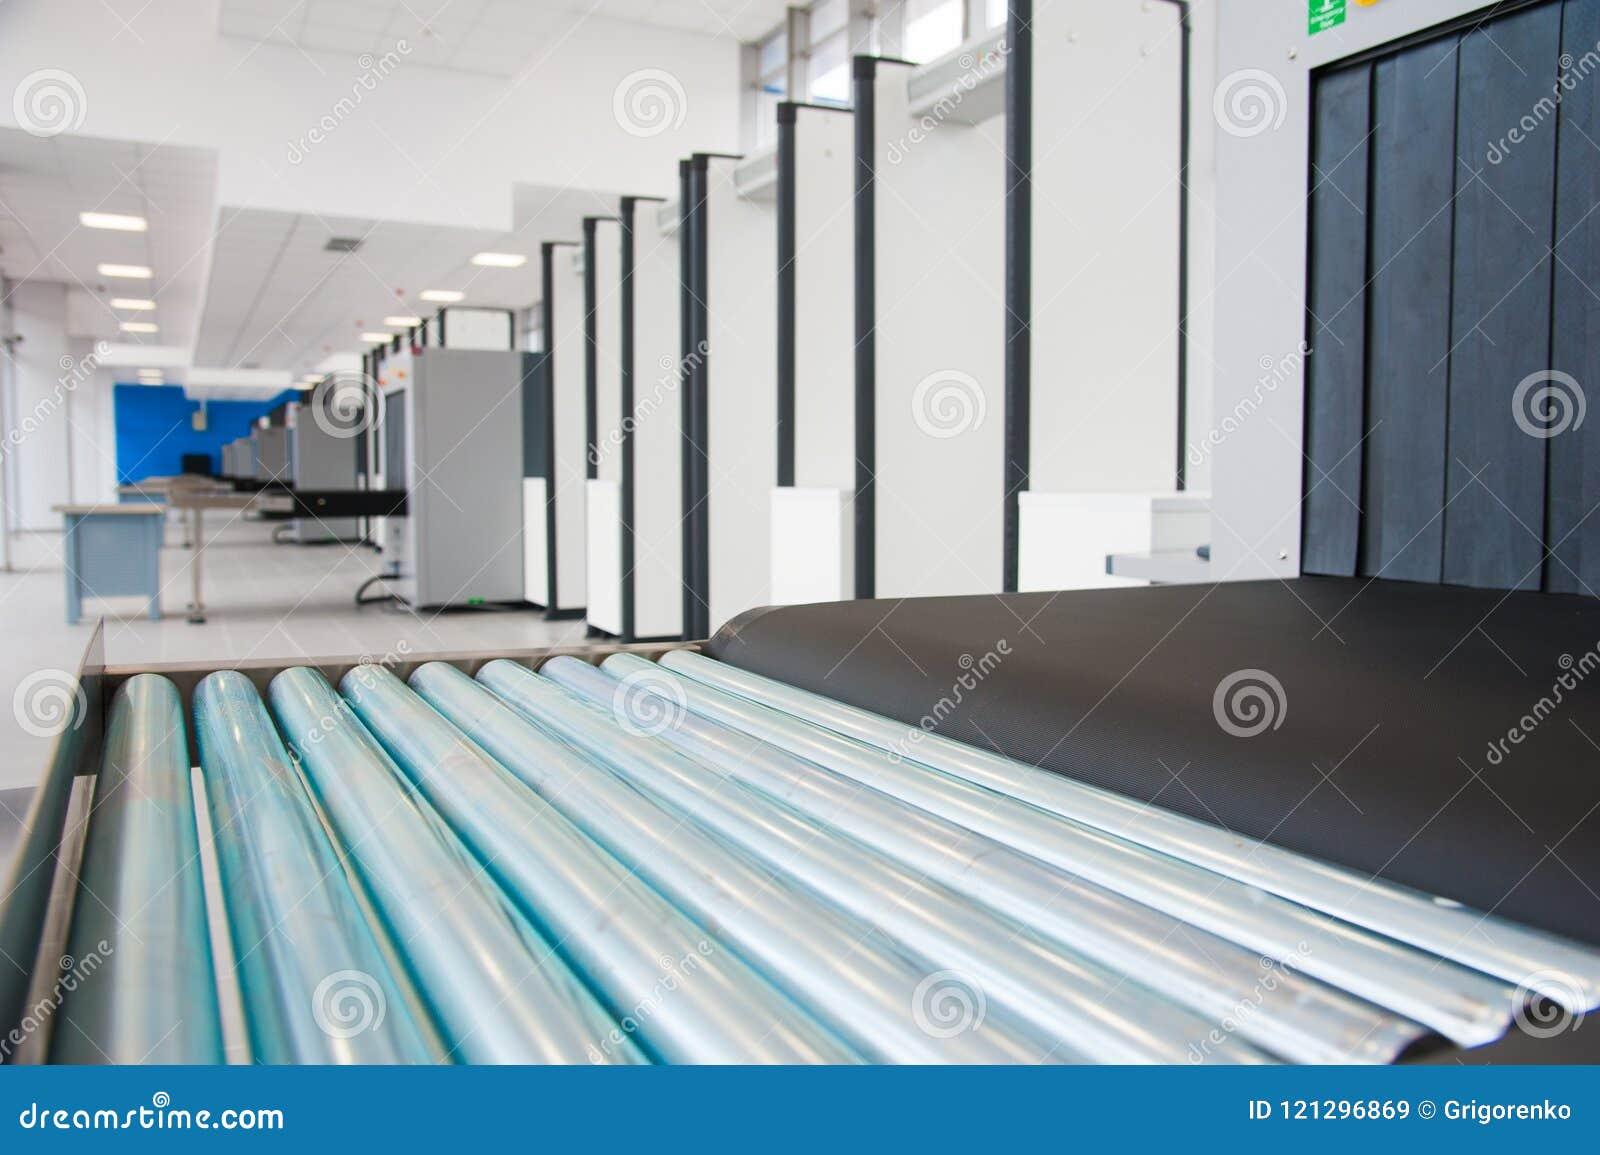 Блок развертки рентгеновского снимка на контрольно-пропускном пункте безопасностью